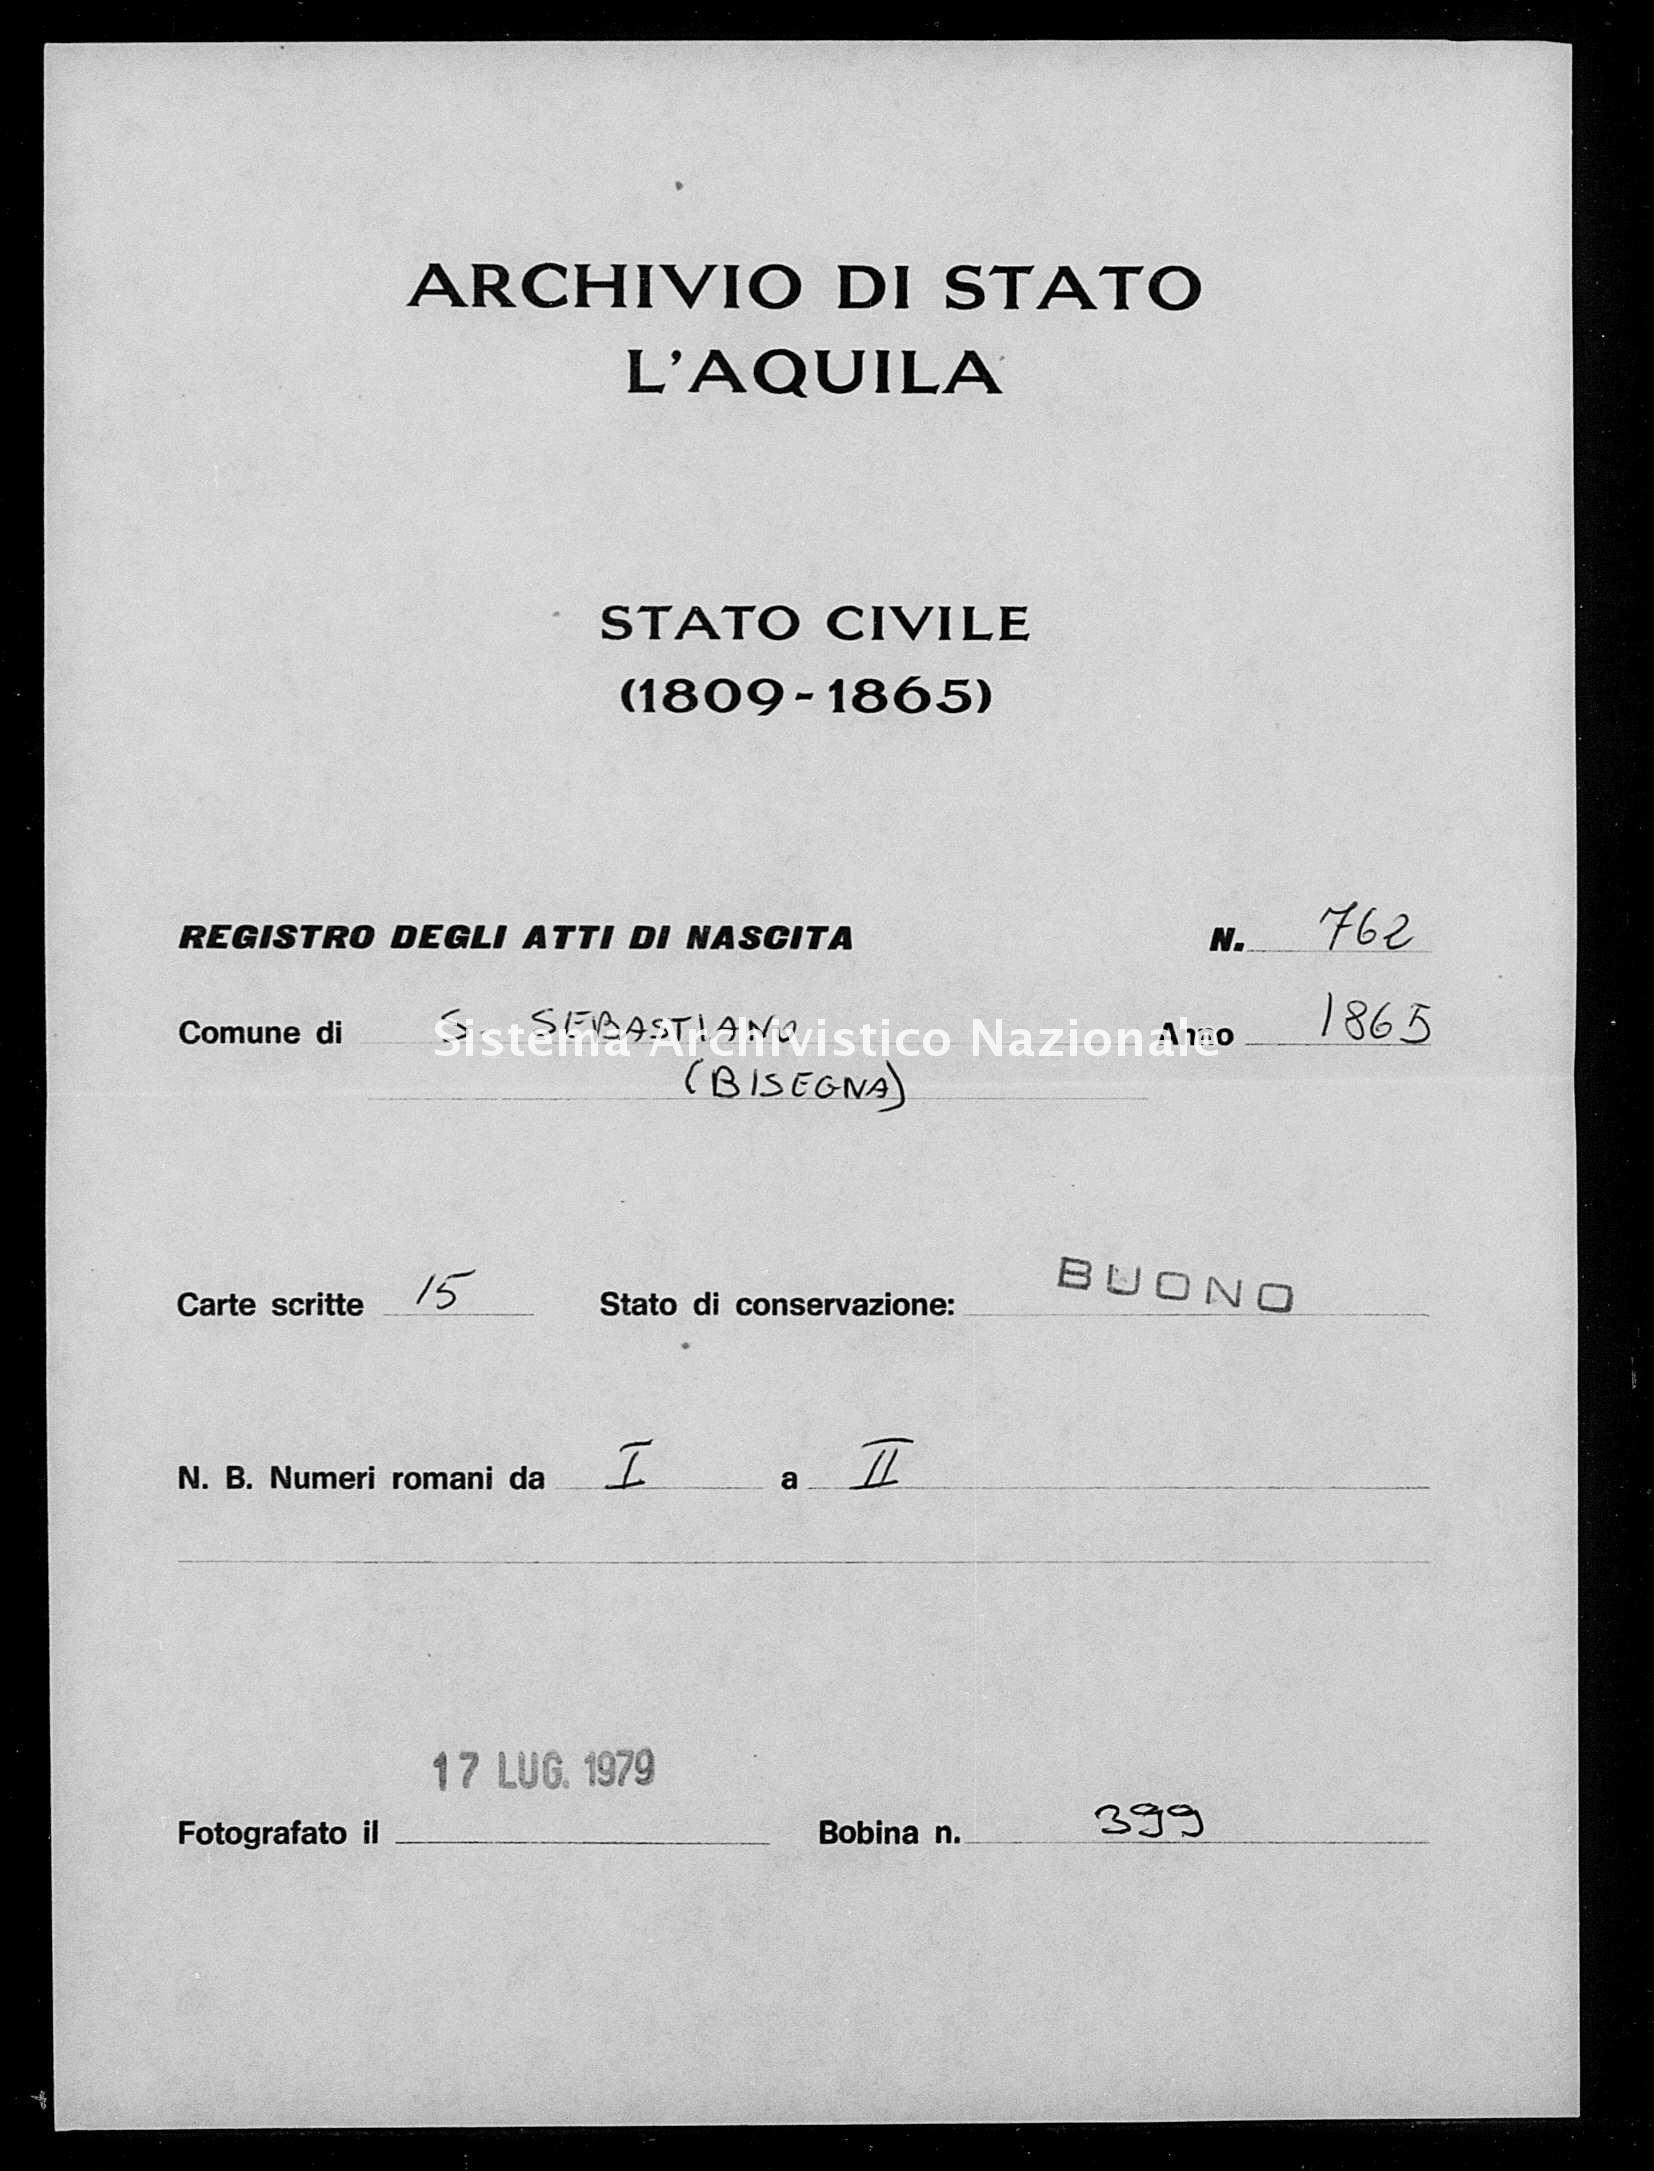 Archivio di stato di L'aquila - Stato civile italiano - San Sebastiano - Nati - 1865 - 762 -